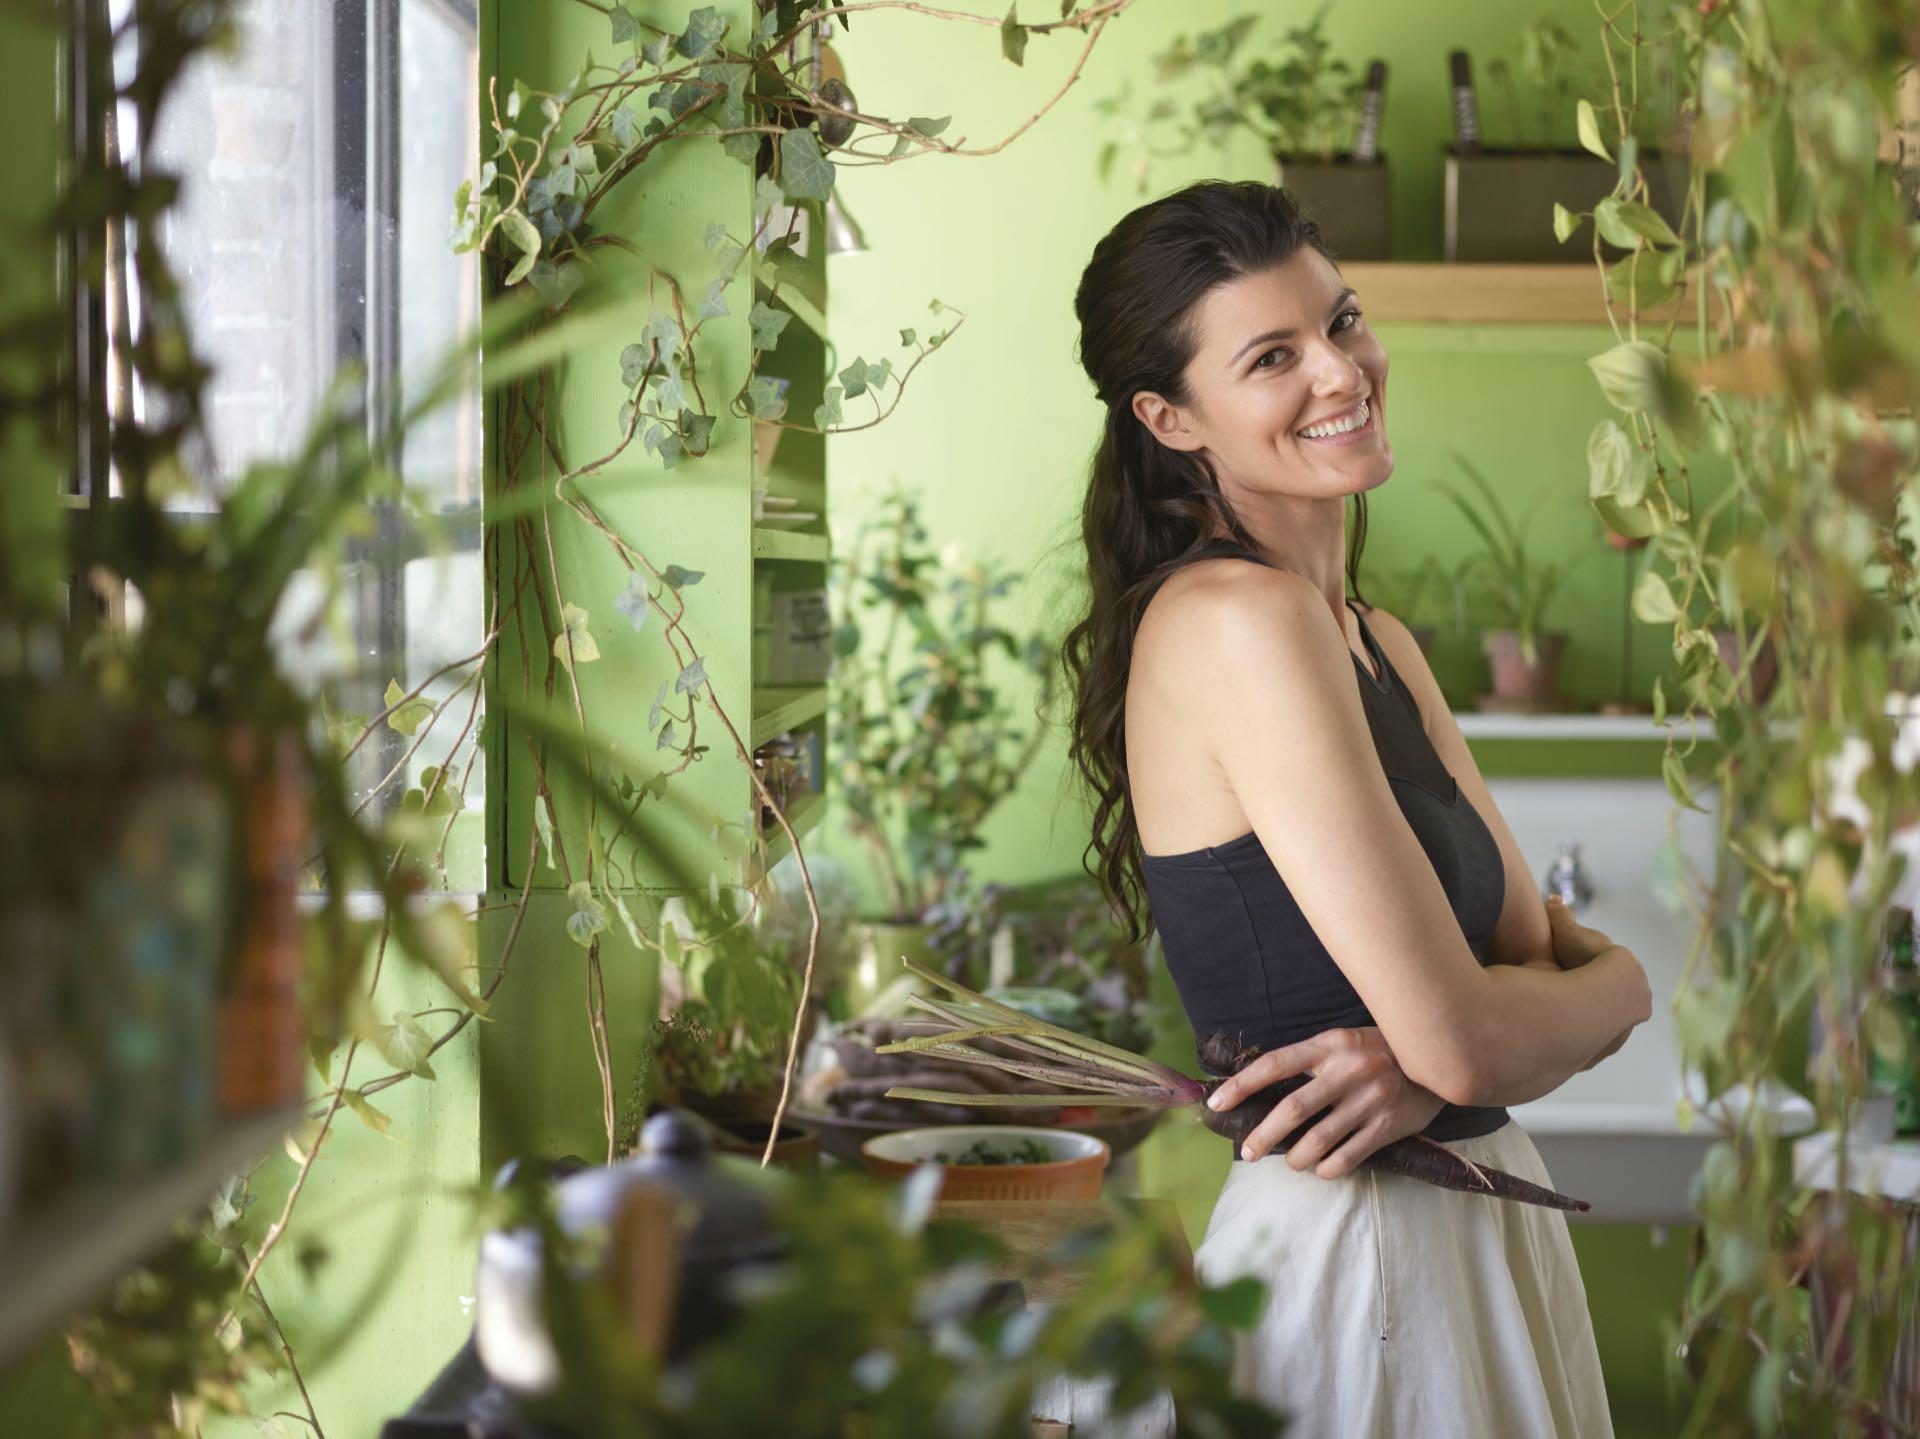 """""""Tengo plantas de todo el mundo. Es un desafío traer semillas y plantas del exterior porque hay leyes fitosanitarias que lo prohíben, pero me las arreglo para obtener especies interesantes de coleccionistas, productores y jardineros""""."""